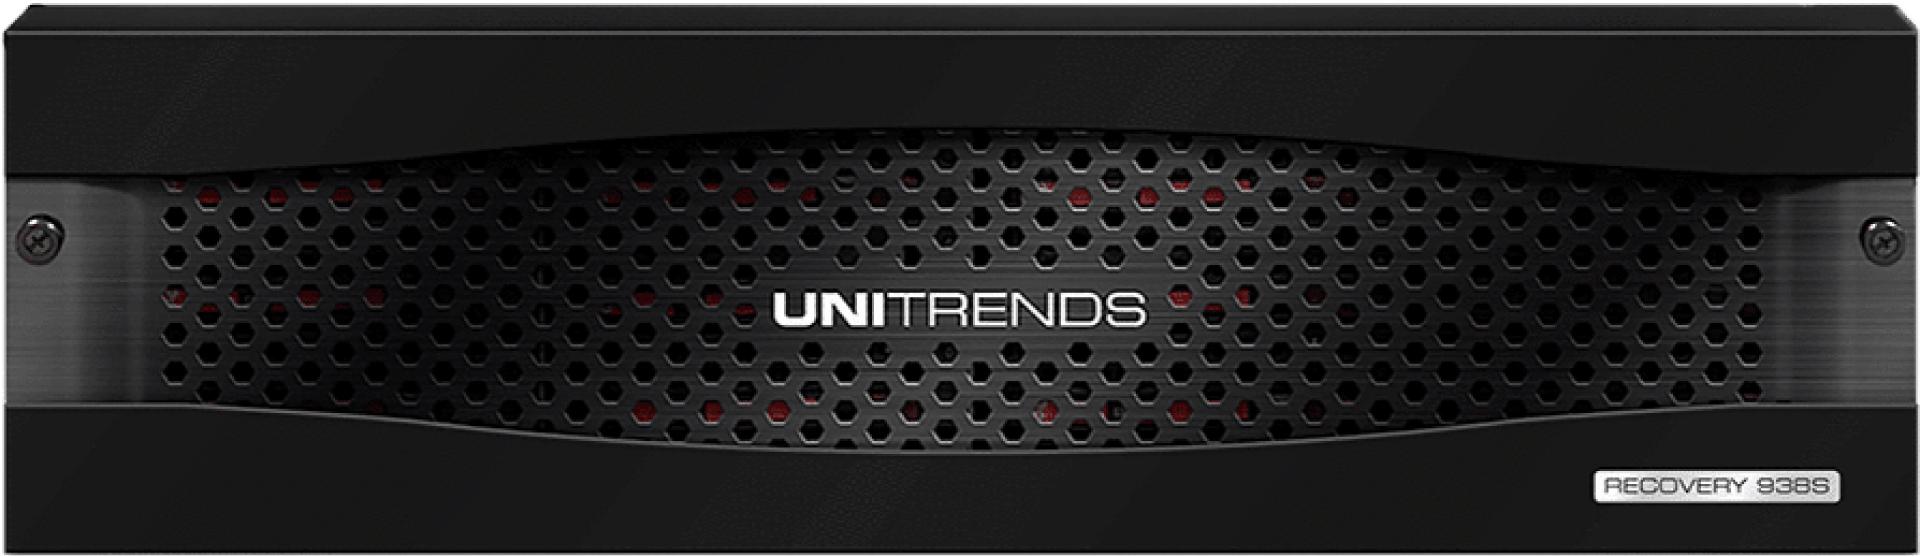 unitrends-image.jpg